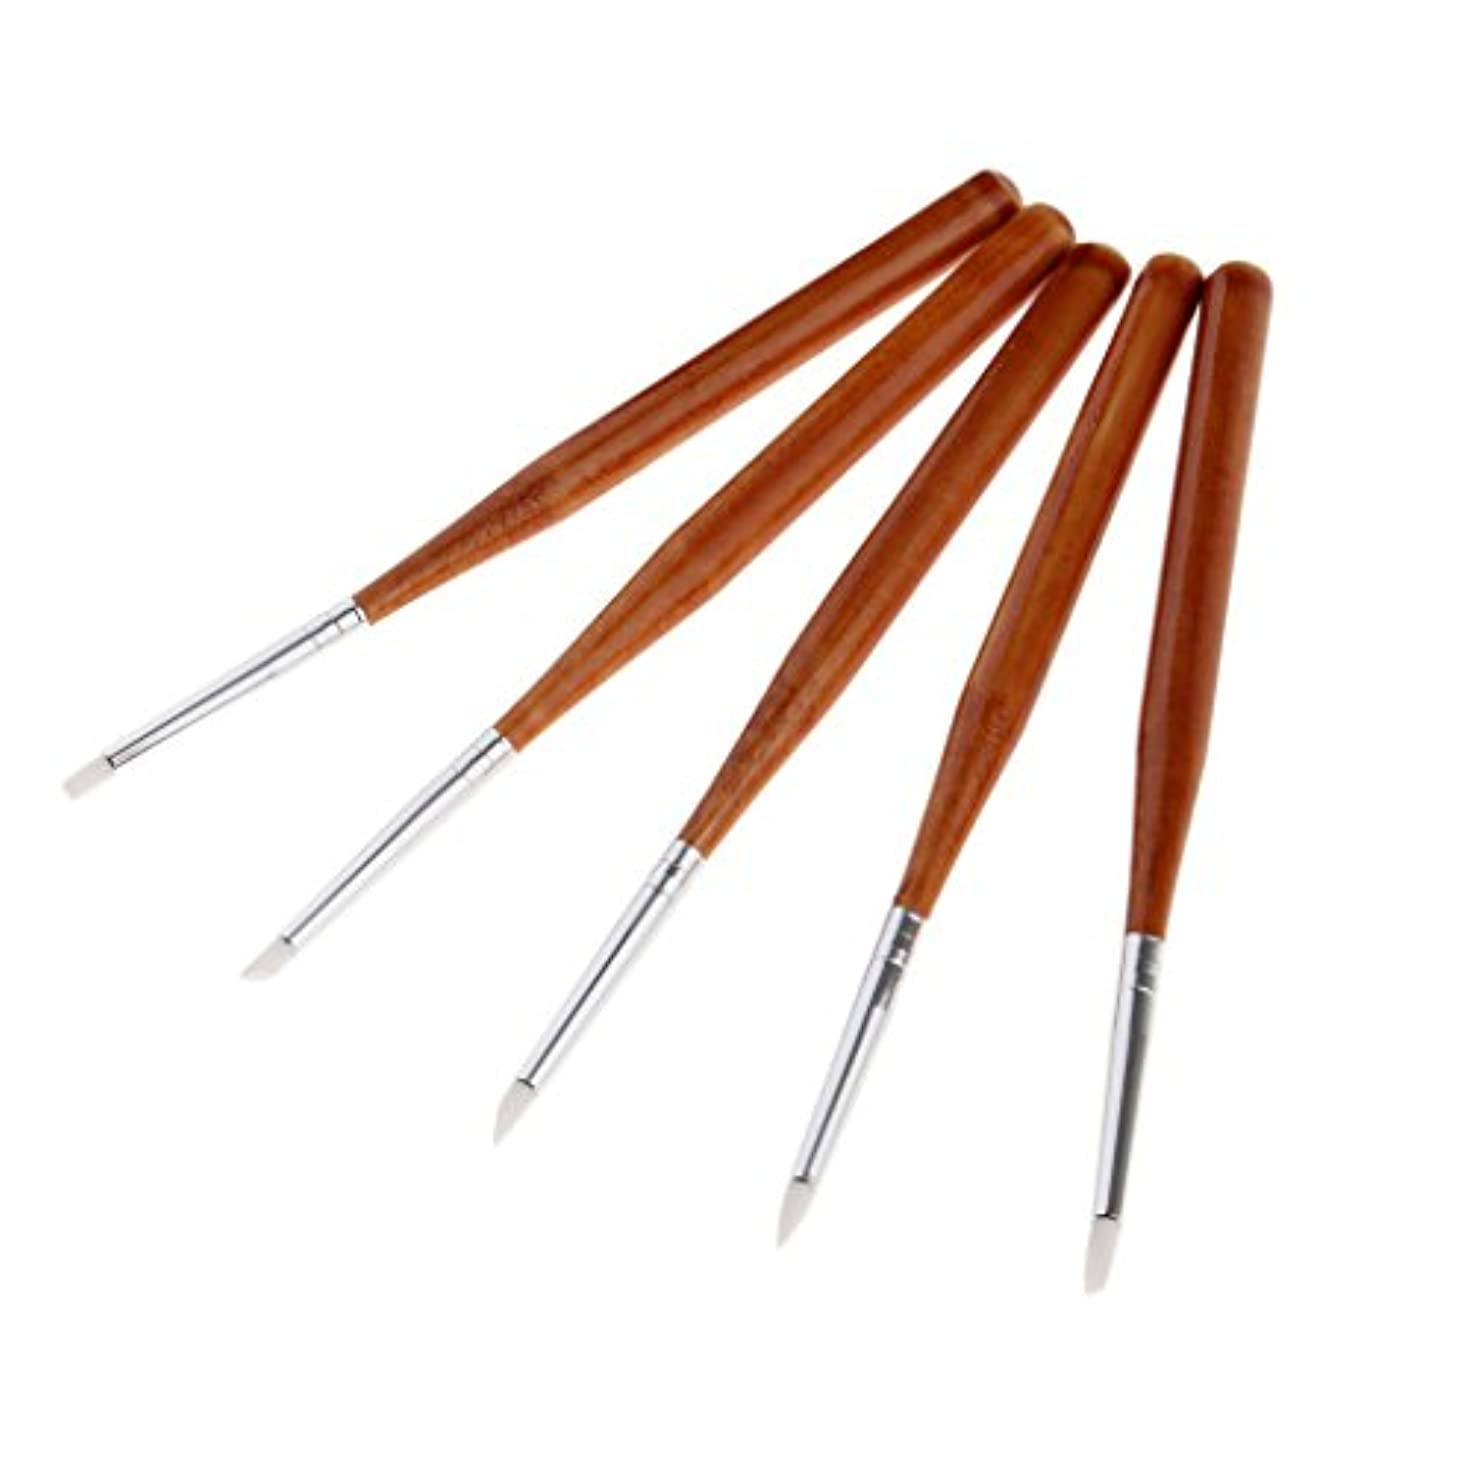 洗剤けがをする南東5本 ネイルアートペン ネイルブラシ ネイル 彫刻ペン 高品質 シリコンヘッド DIY 3タイプ選べる - 13cm